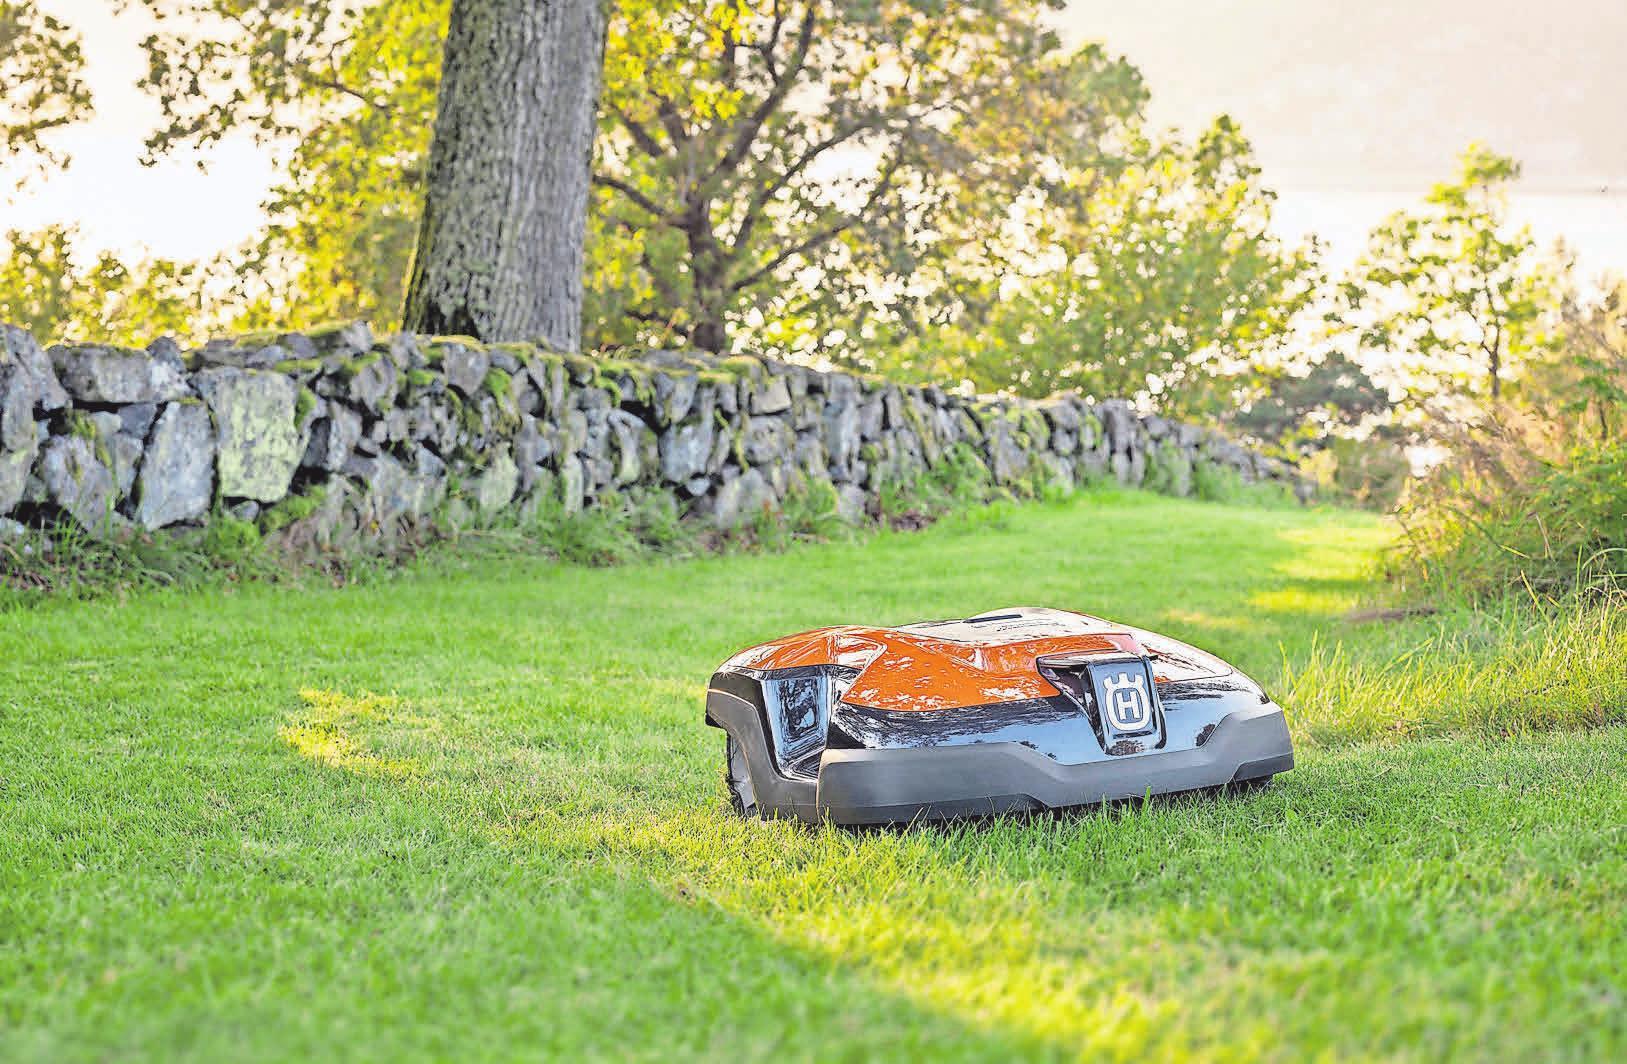 Kleiner Helfer: Mit einem Husqvarna-Mähroboter bleibt der Rasen immer schön kurz. Foto: Husqvarna